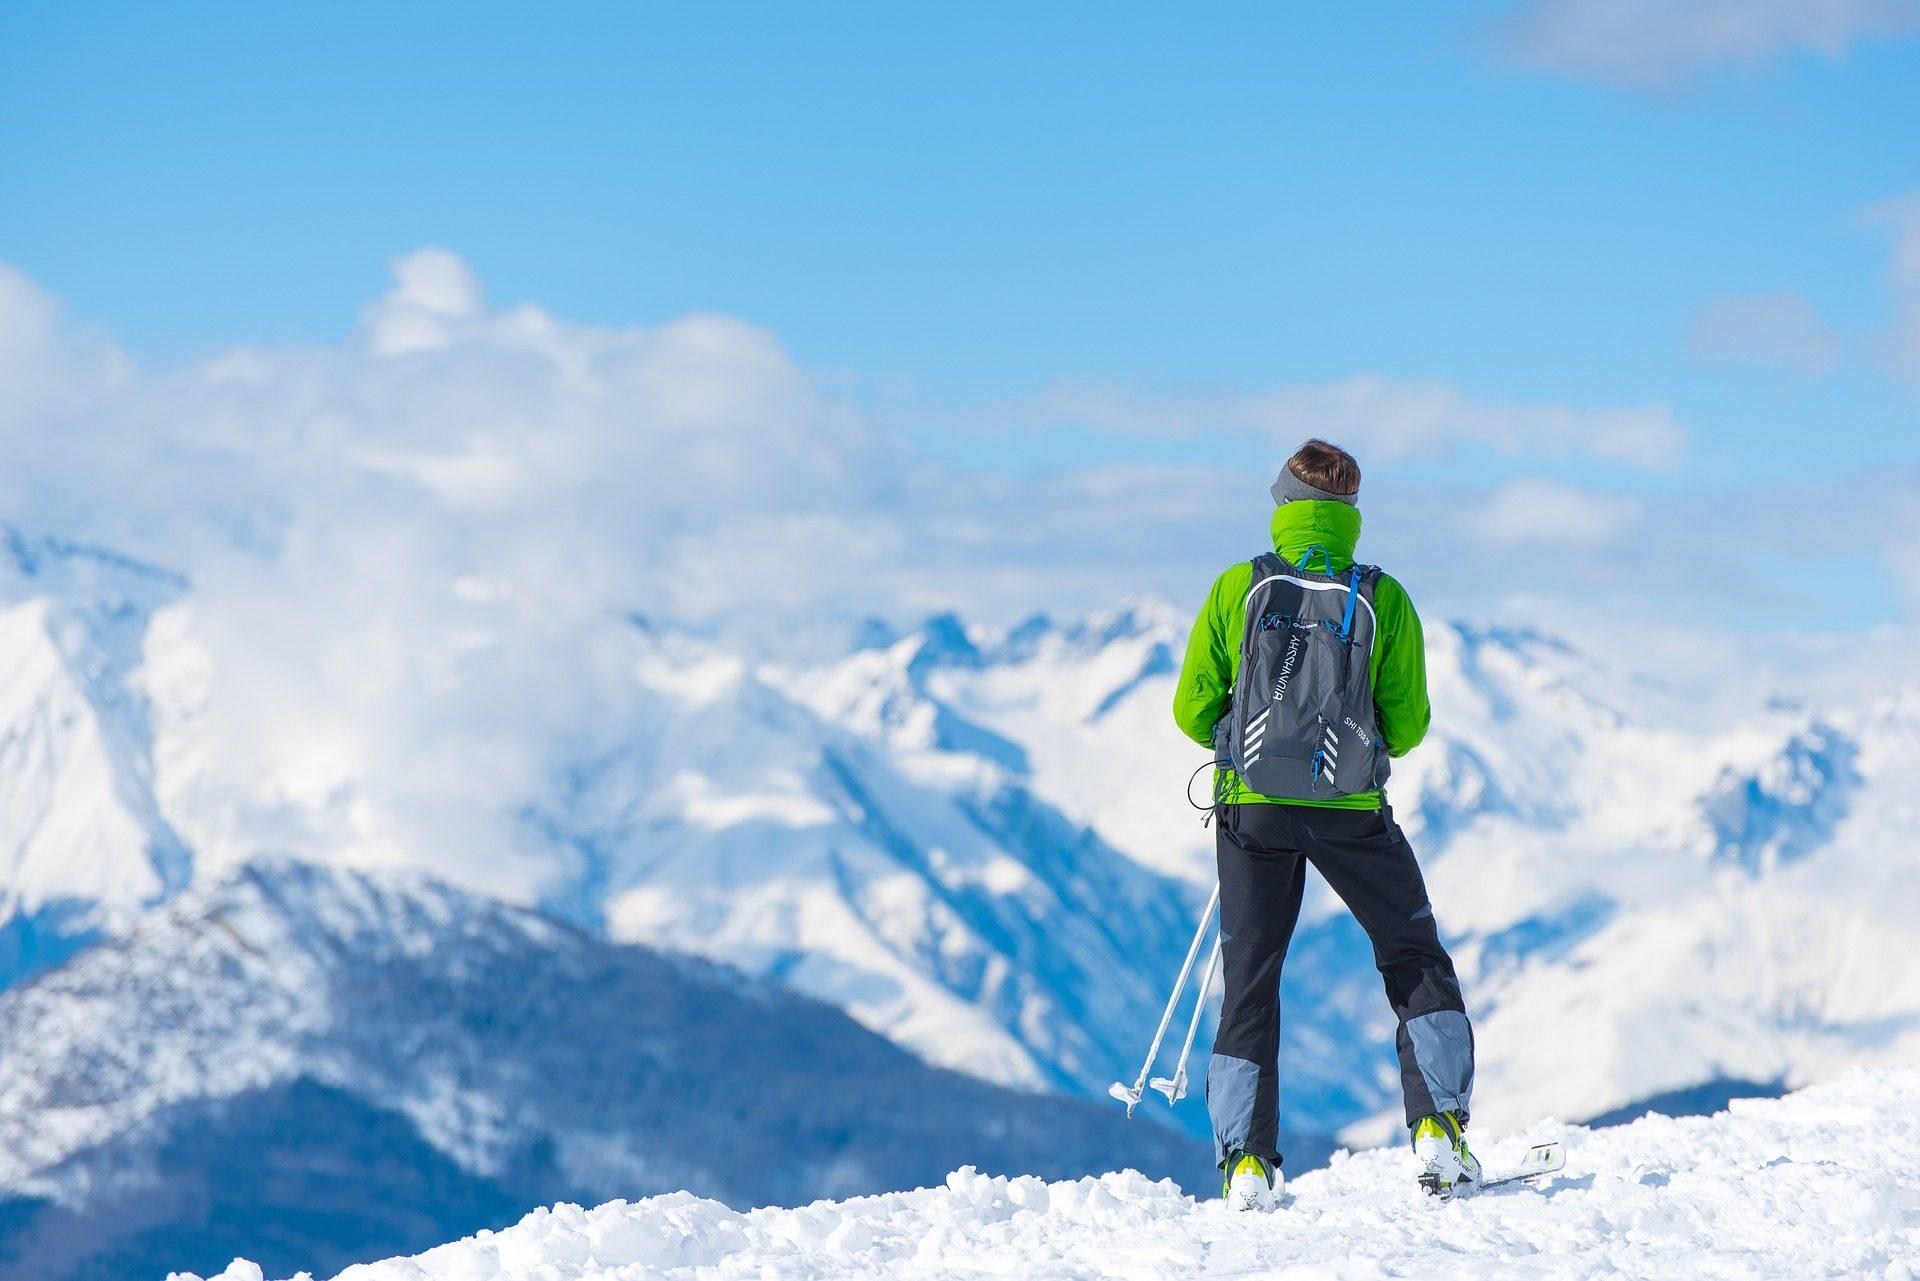 マウンテニア, スキーヤー, 山, 雪, 冒険, 空, 雲 - HD の壁紙 - 教授-falken.com